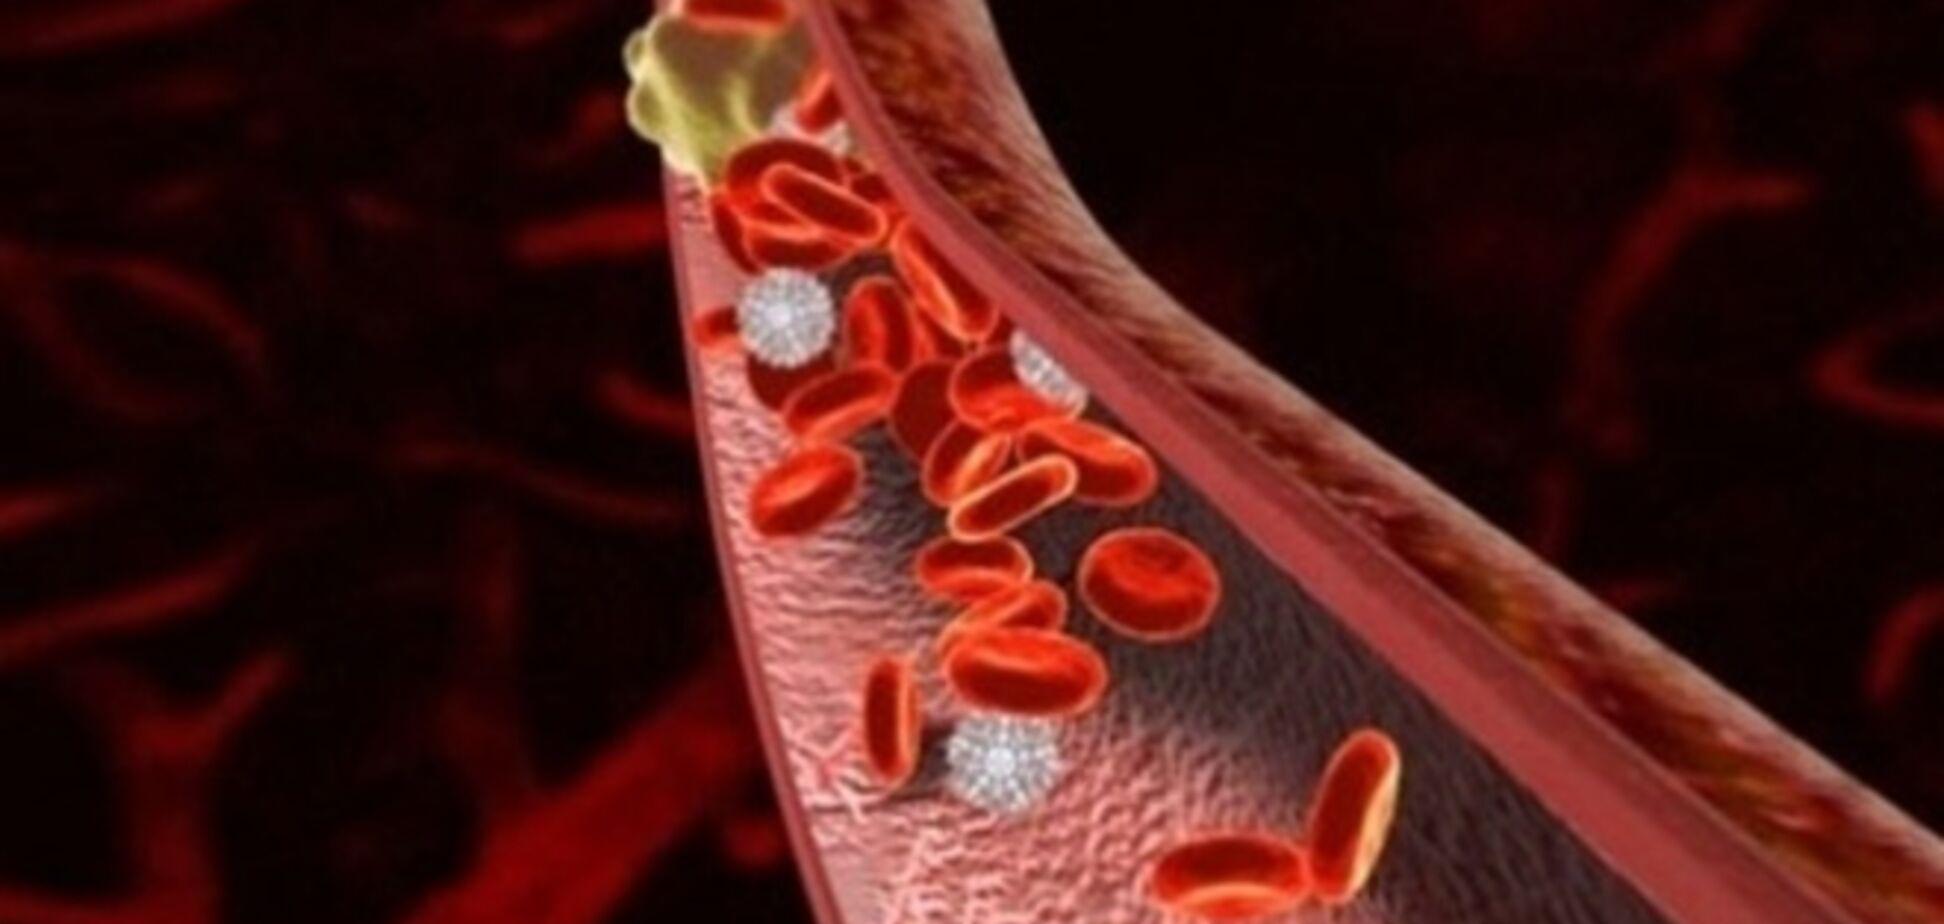 Почему отрывается тромб: исследуем симптомы и провоцирующие факторы